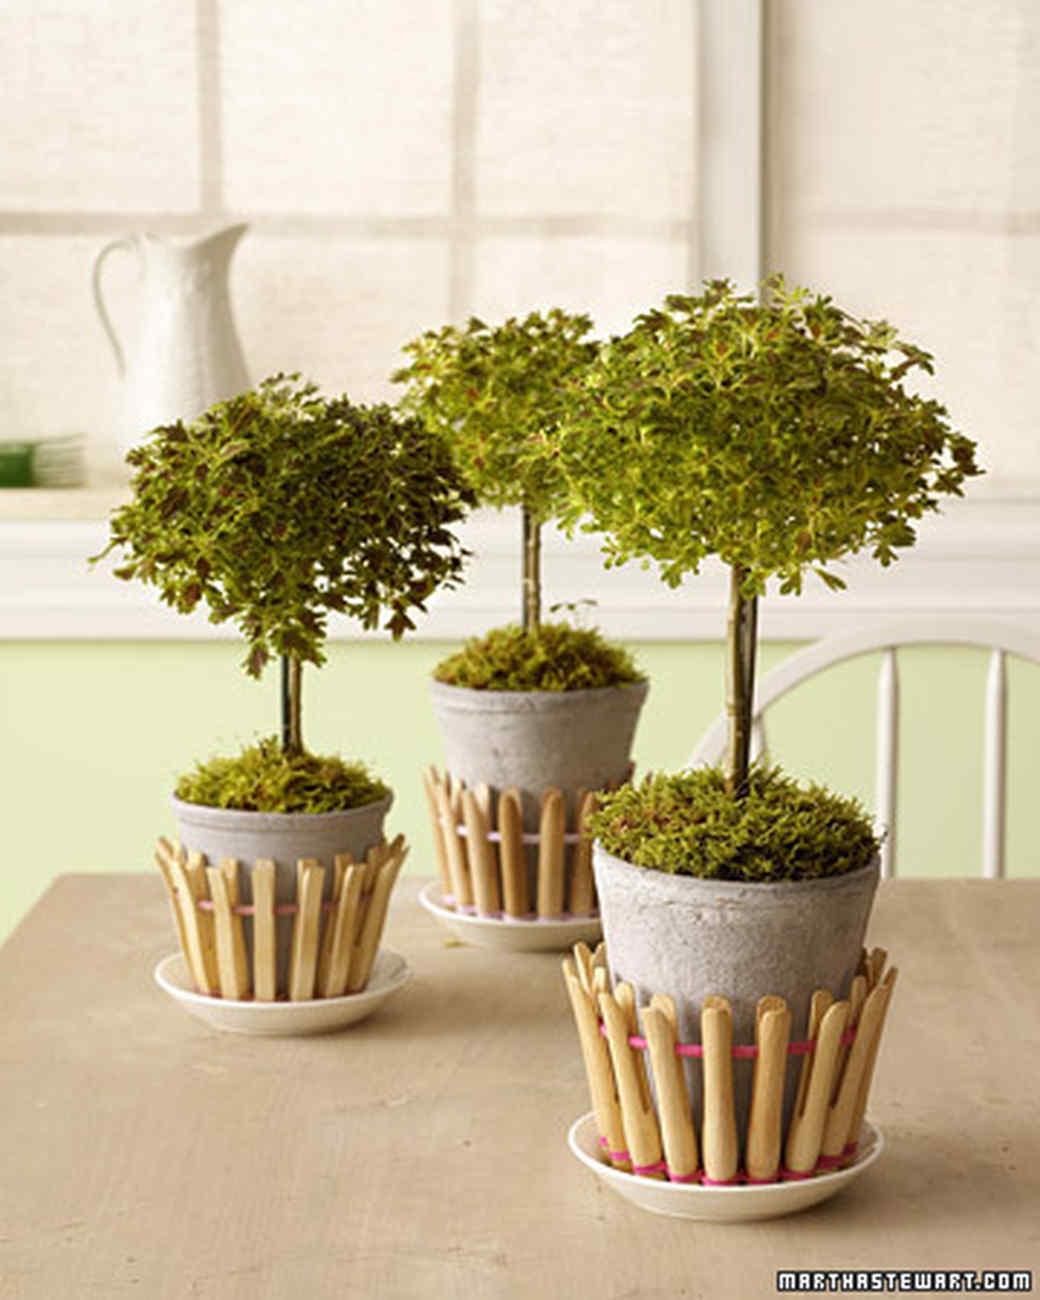 Decorative Flowerpots and Planters | Martha Stewart